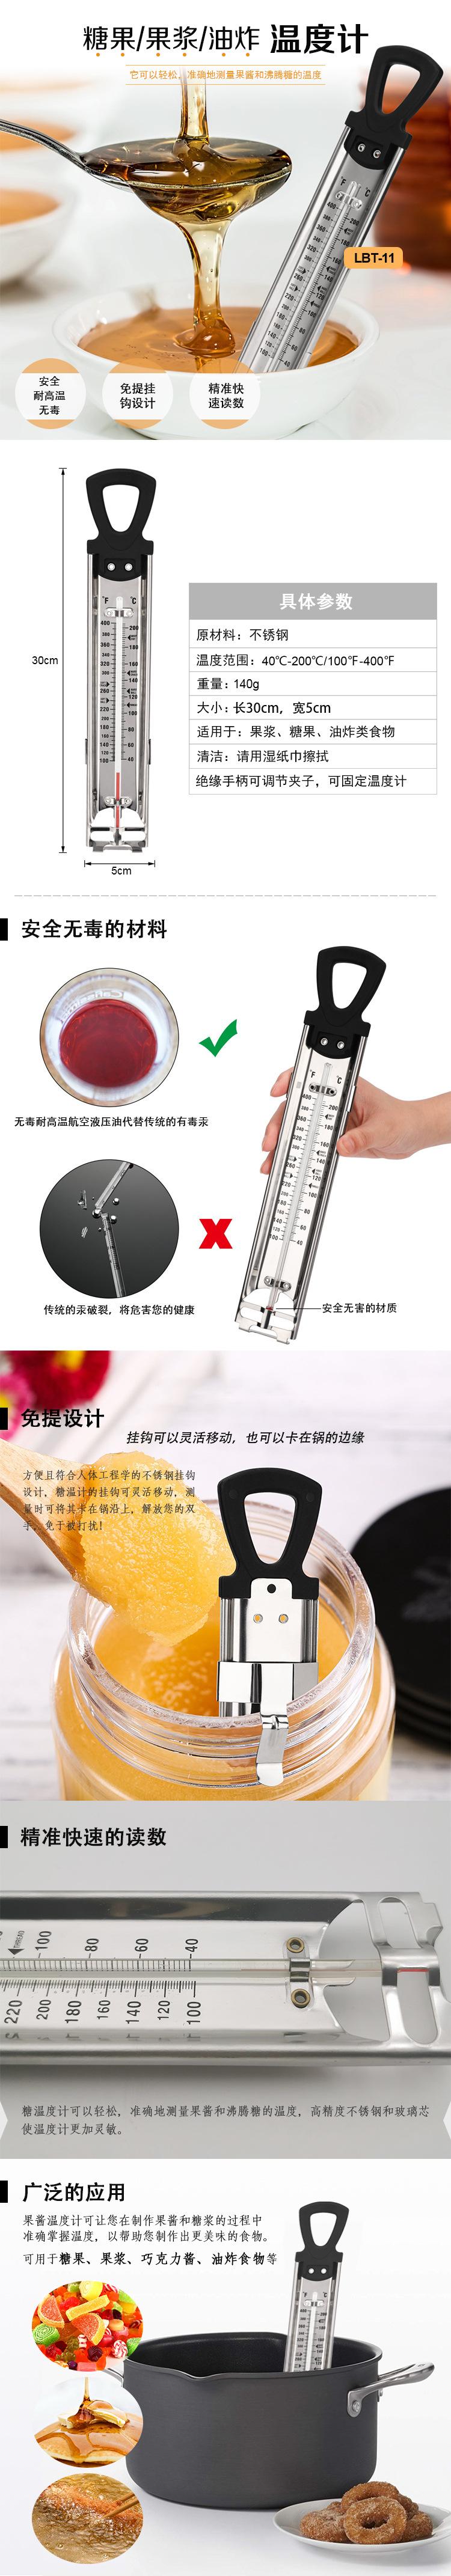 玻璃棒温度计